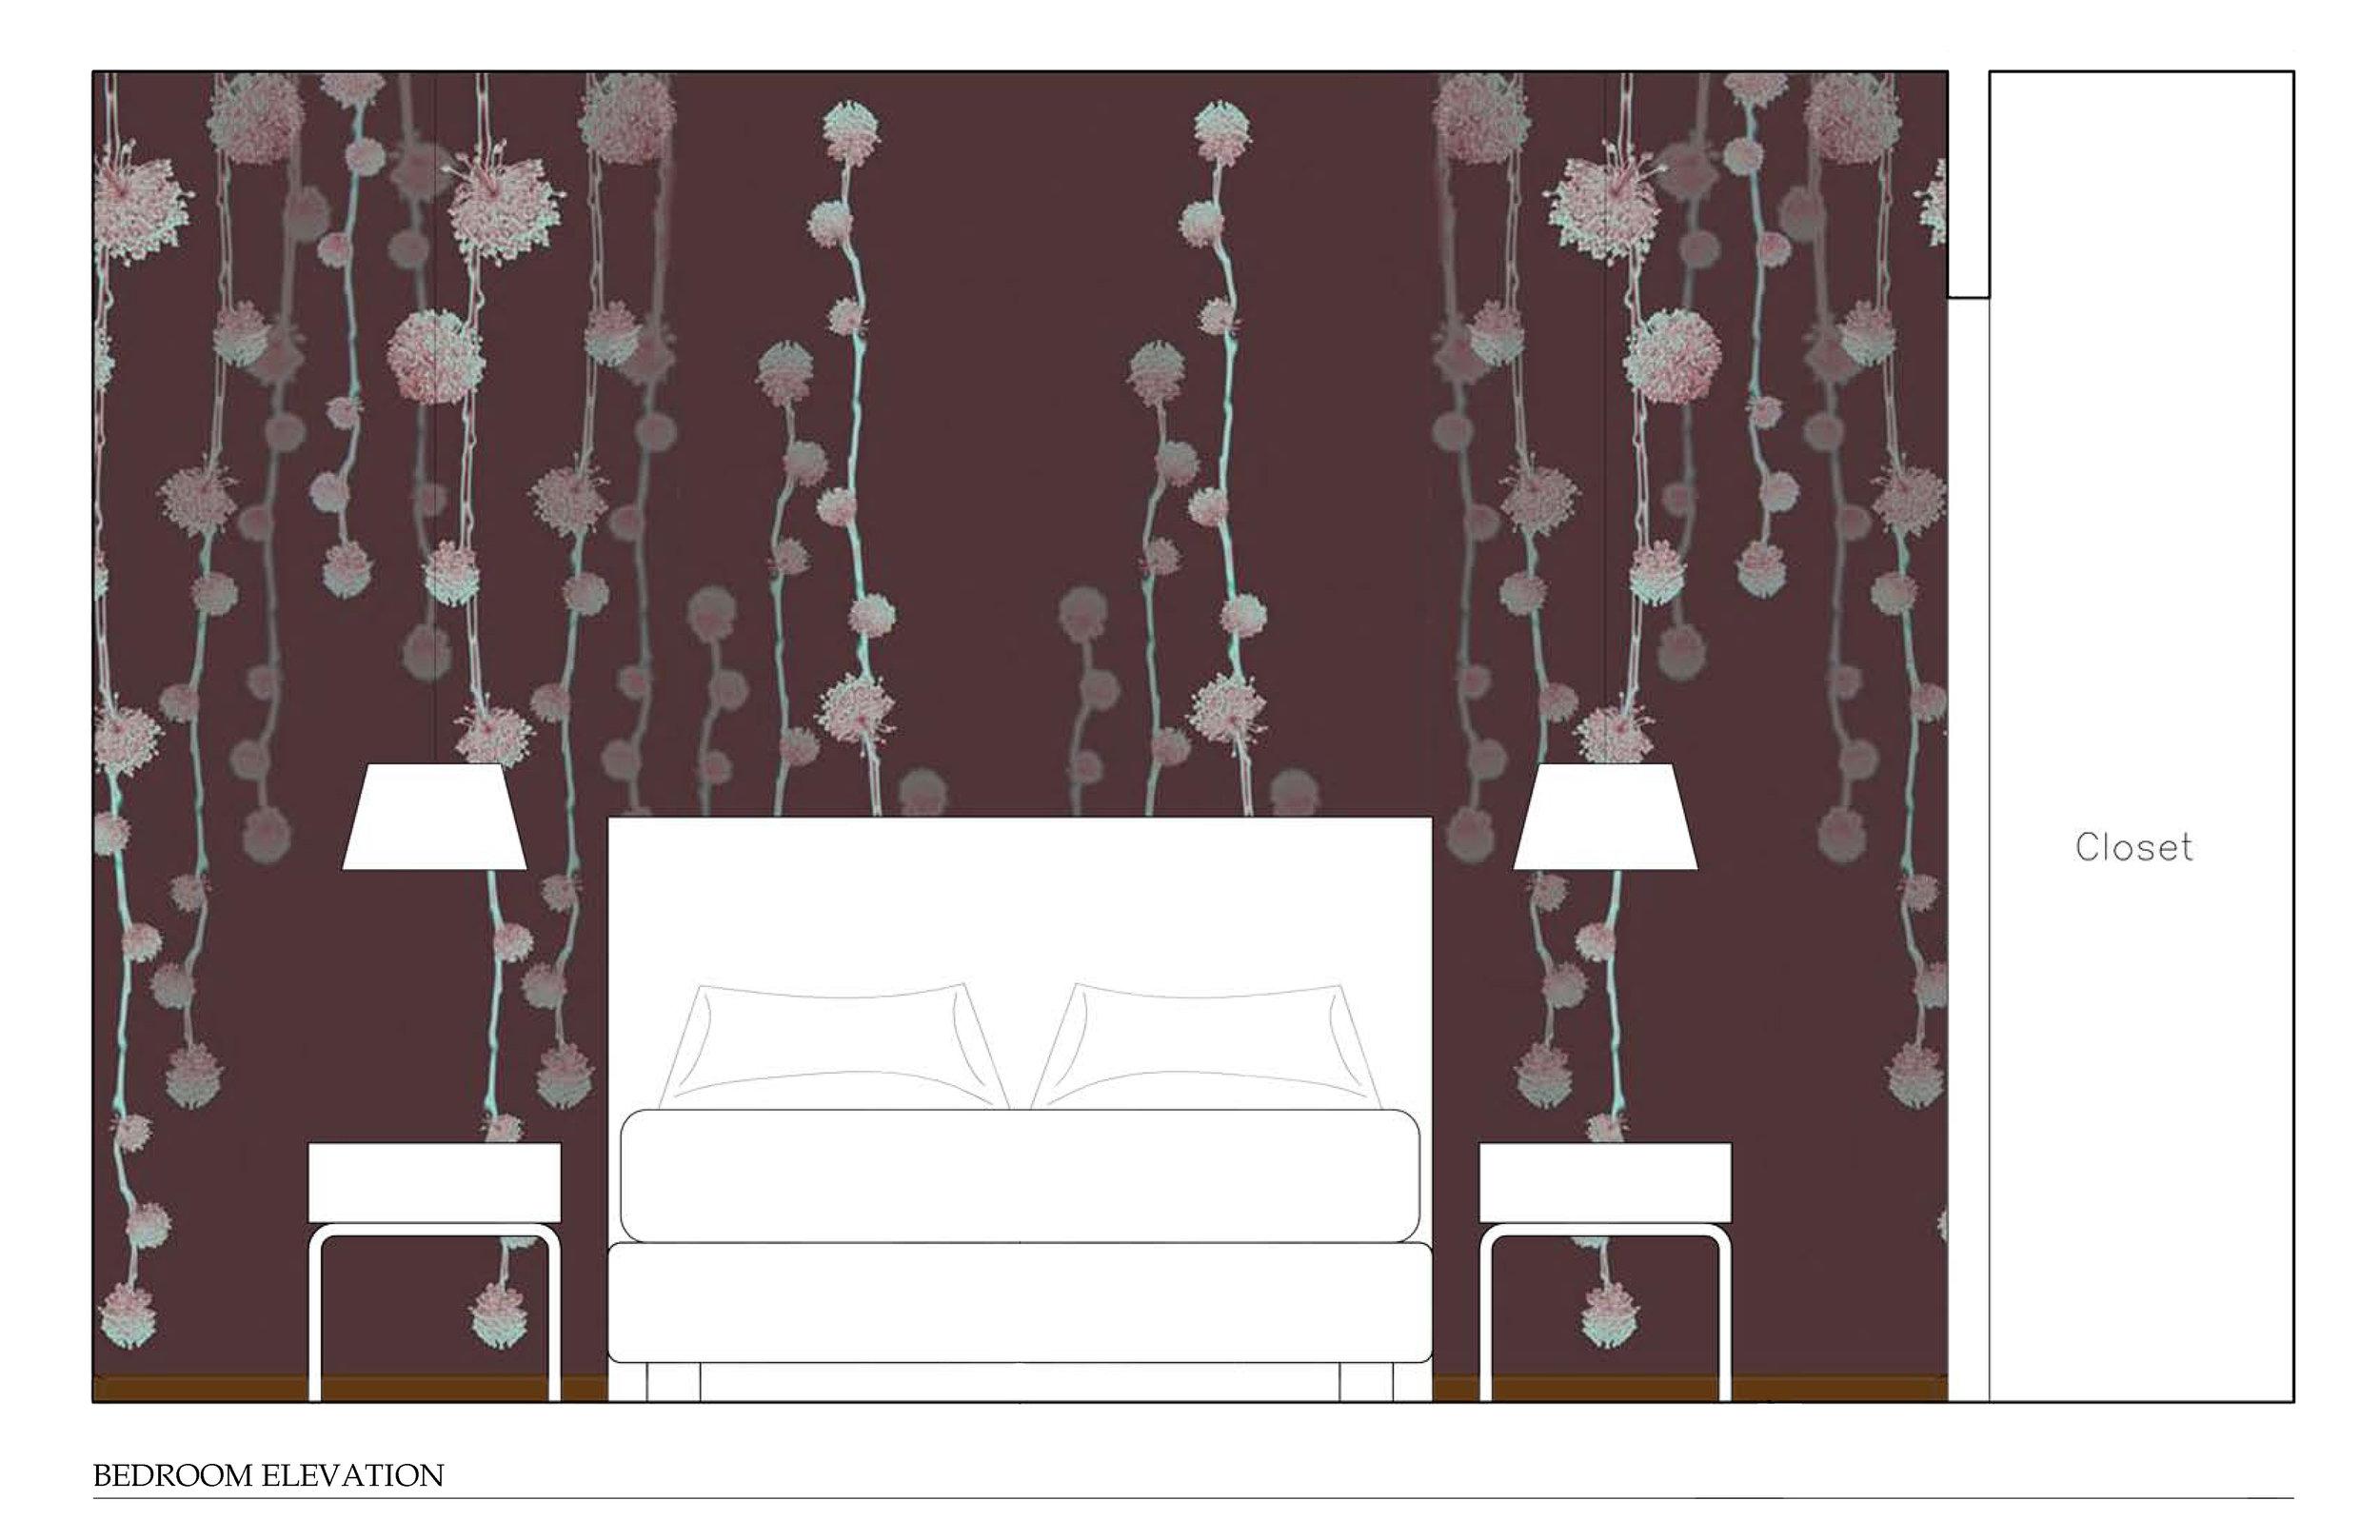 Murthy_Bedroom Elevation.jpg